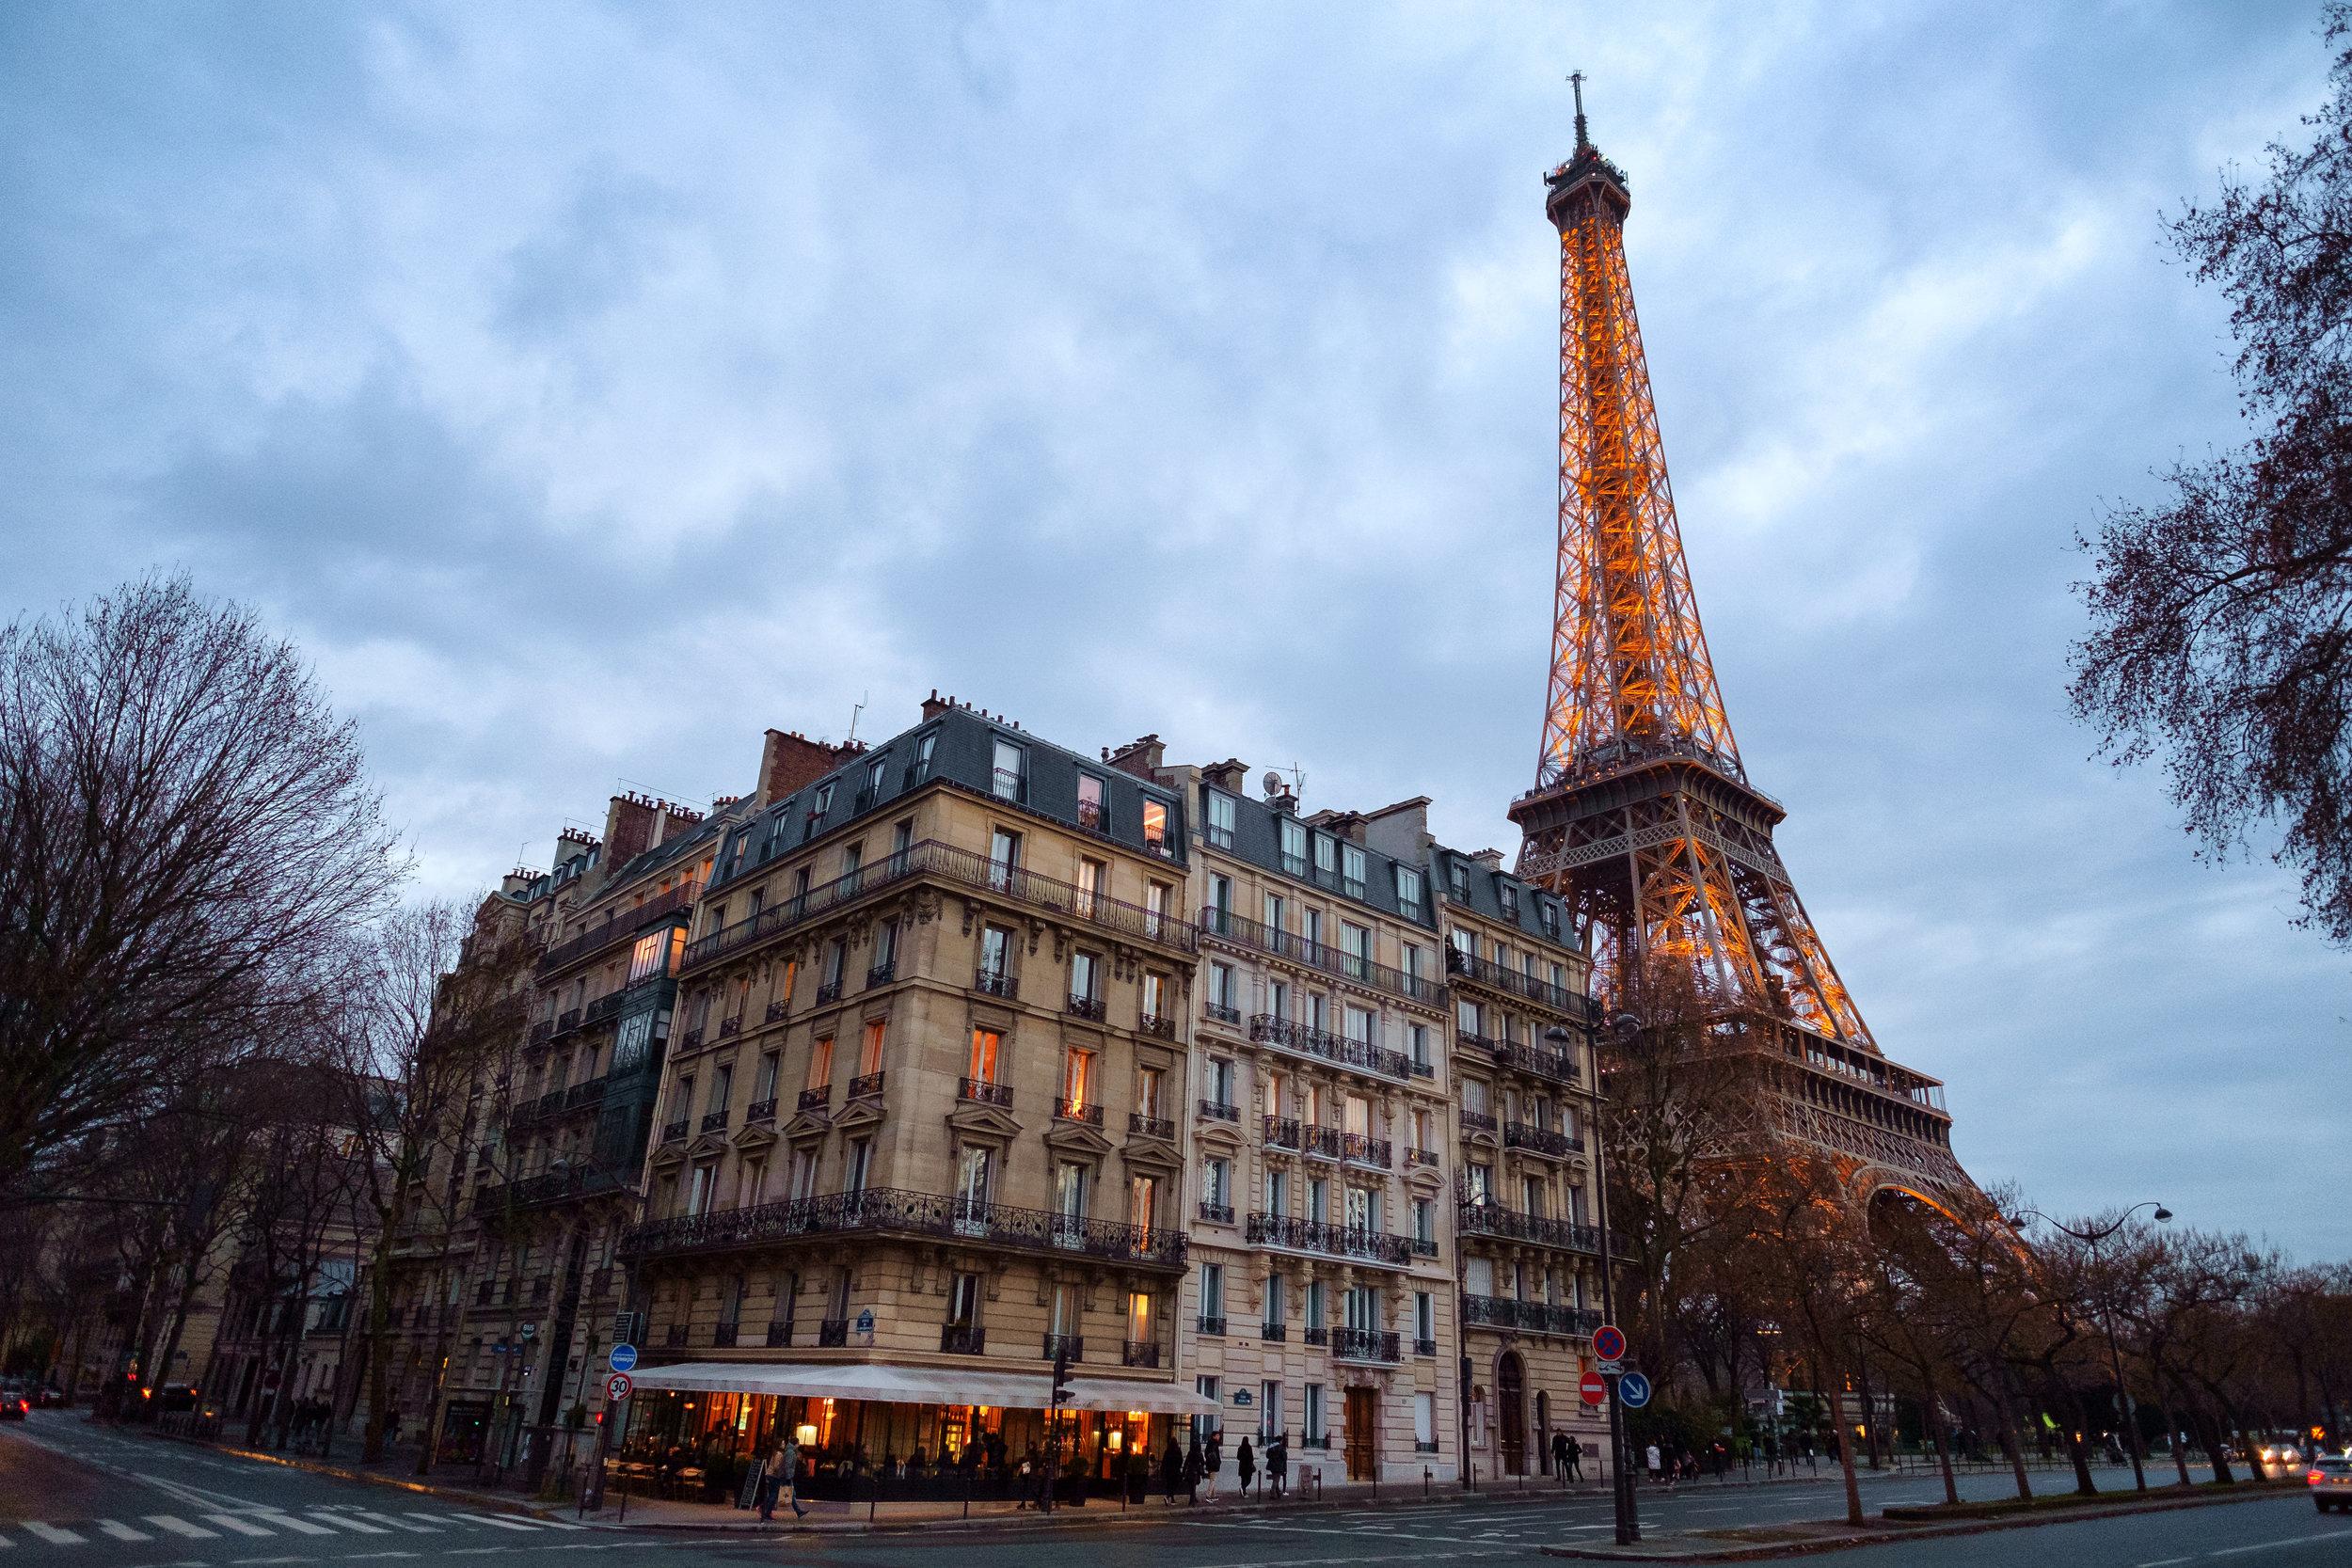 Paris. January, 2017